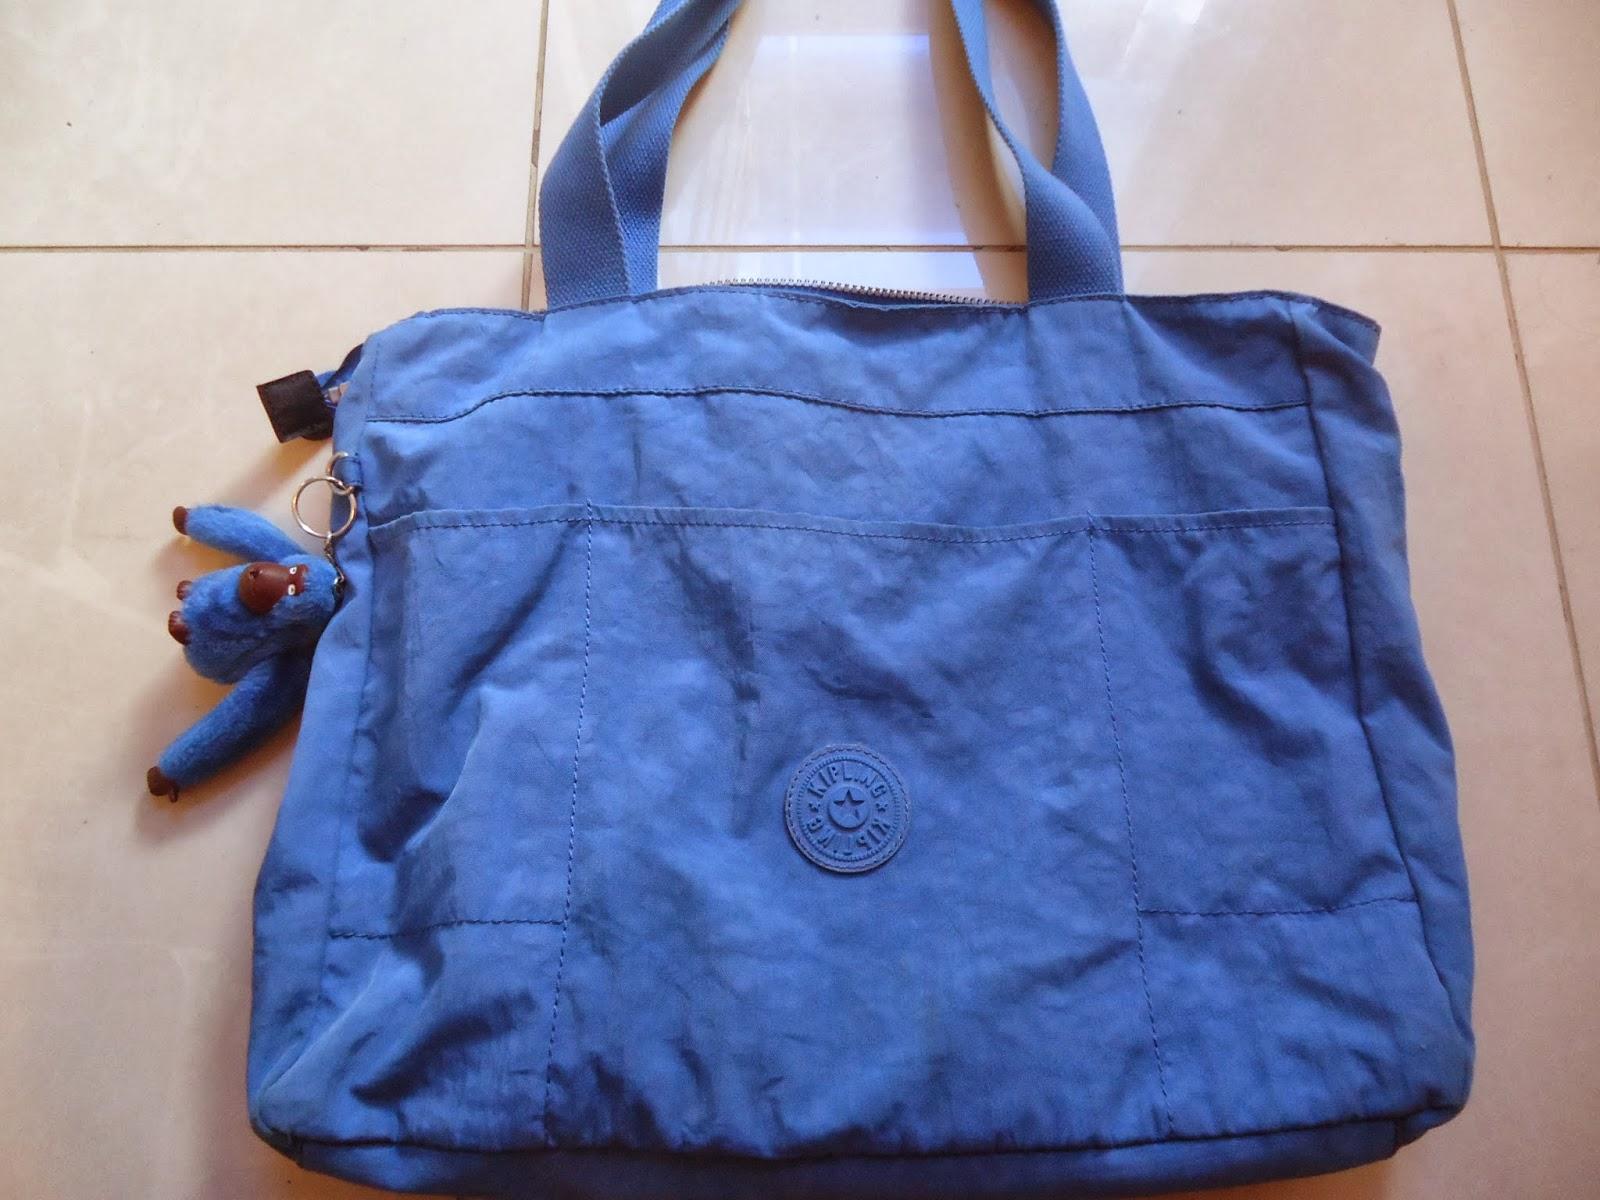 Bolsa De Ombro Kipling : Bazar desapega bolsa kipling de ombro azul